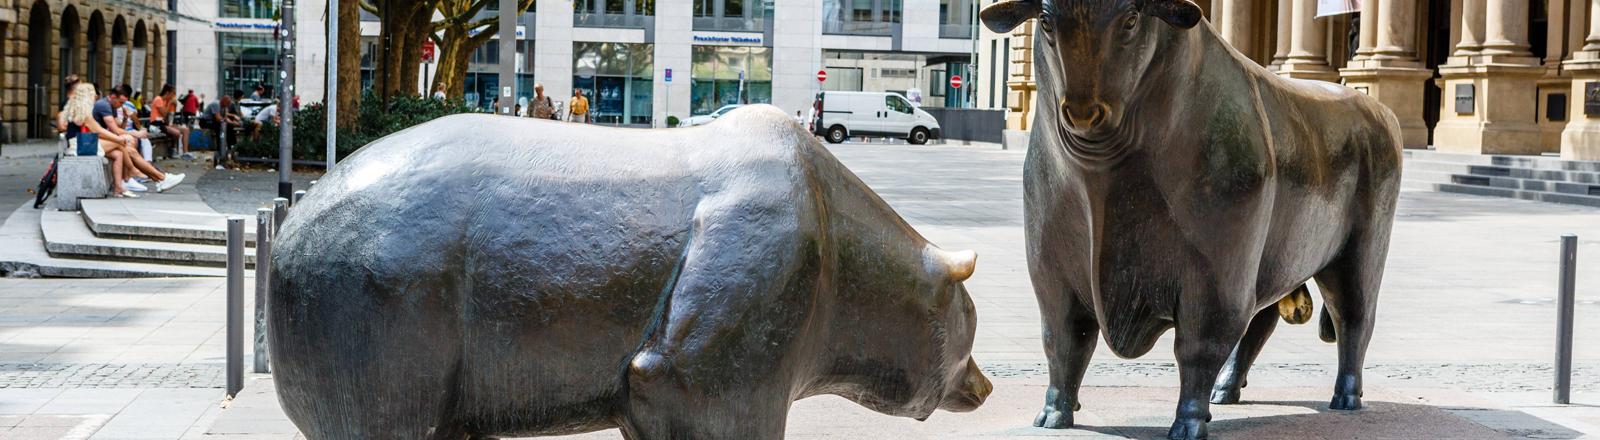 Skulpturen eines Bären und eines Bullen am Frankfurter Börsenplatz